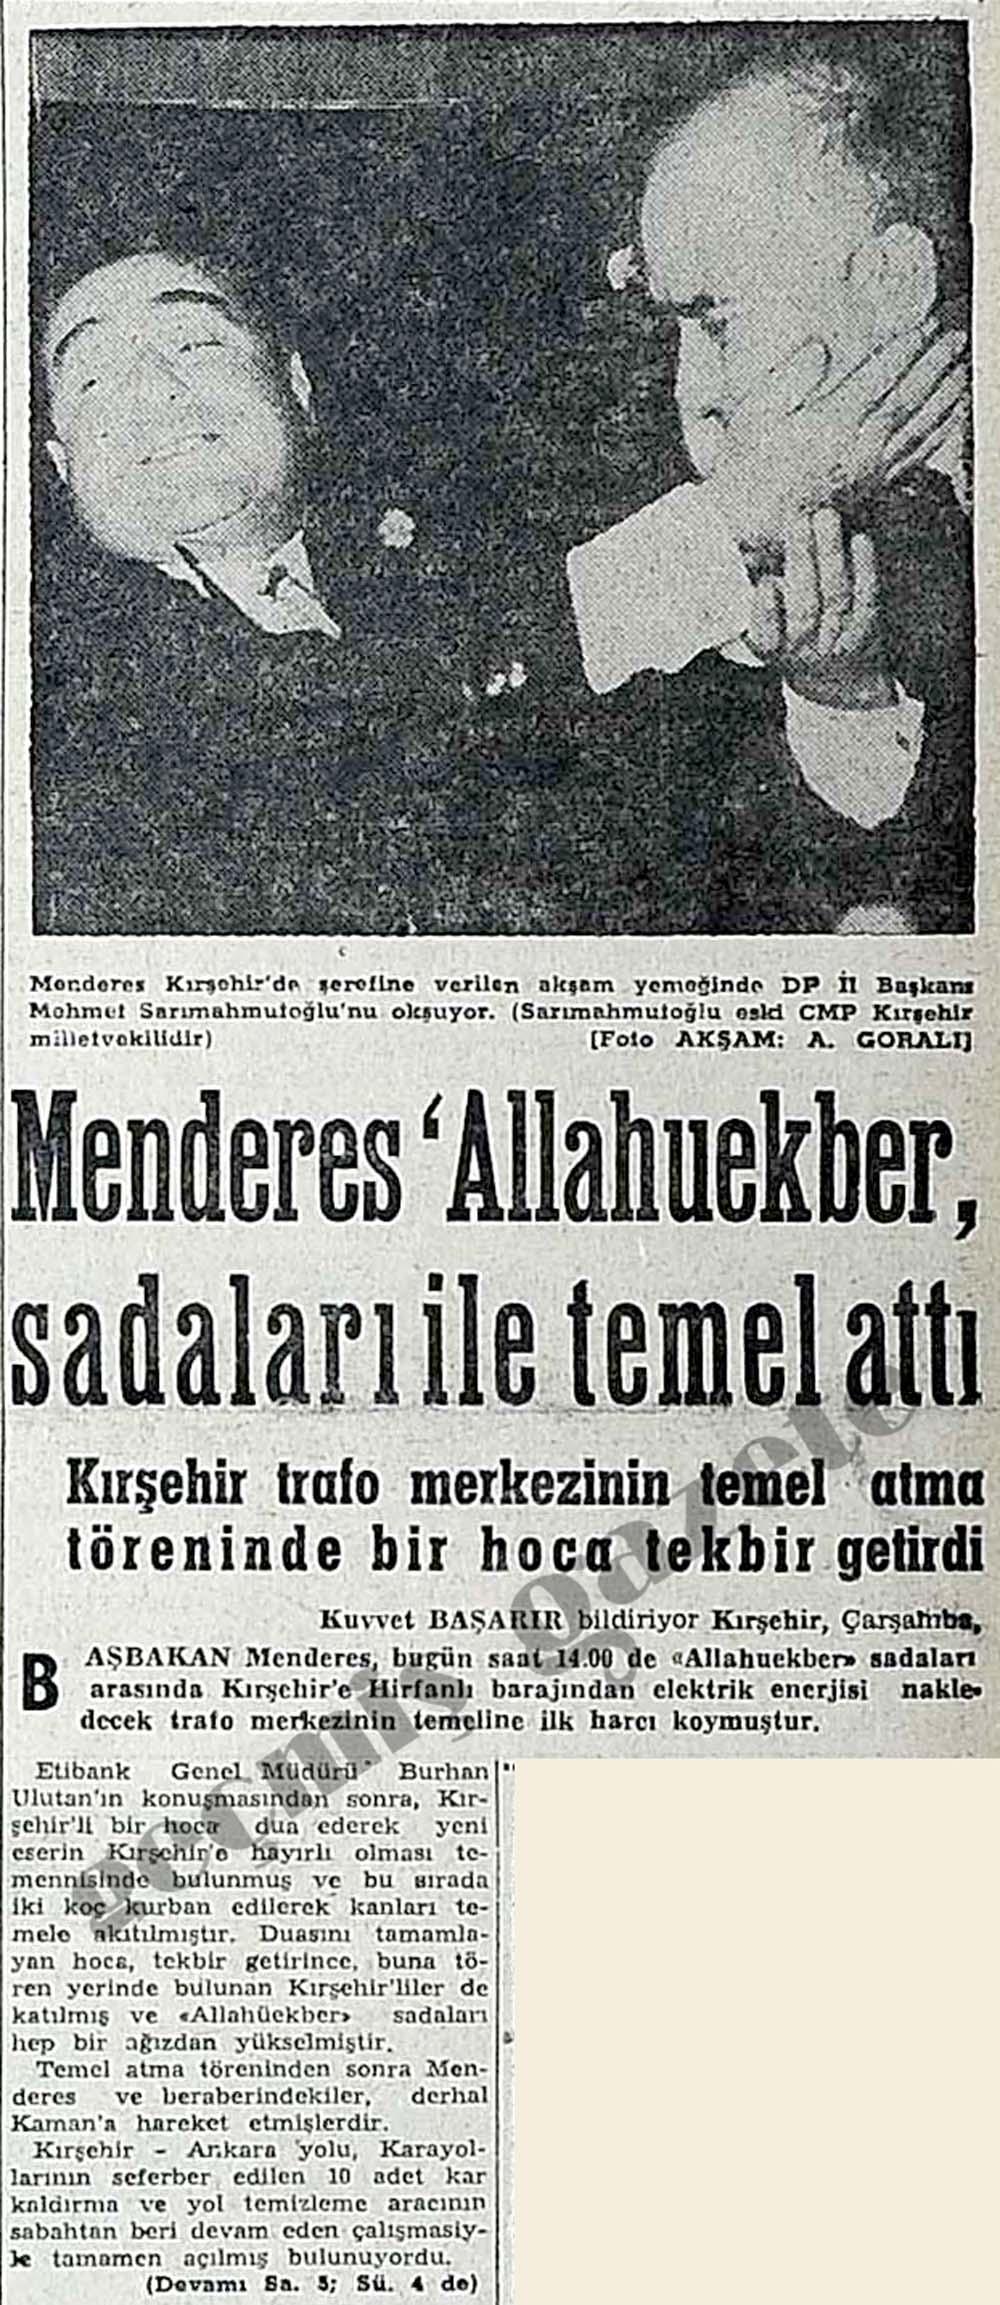 Menderes 'Allahuekber' sadaları ile temel attı